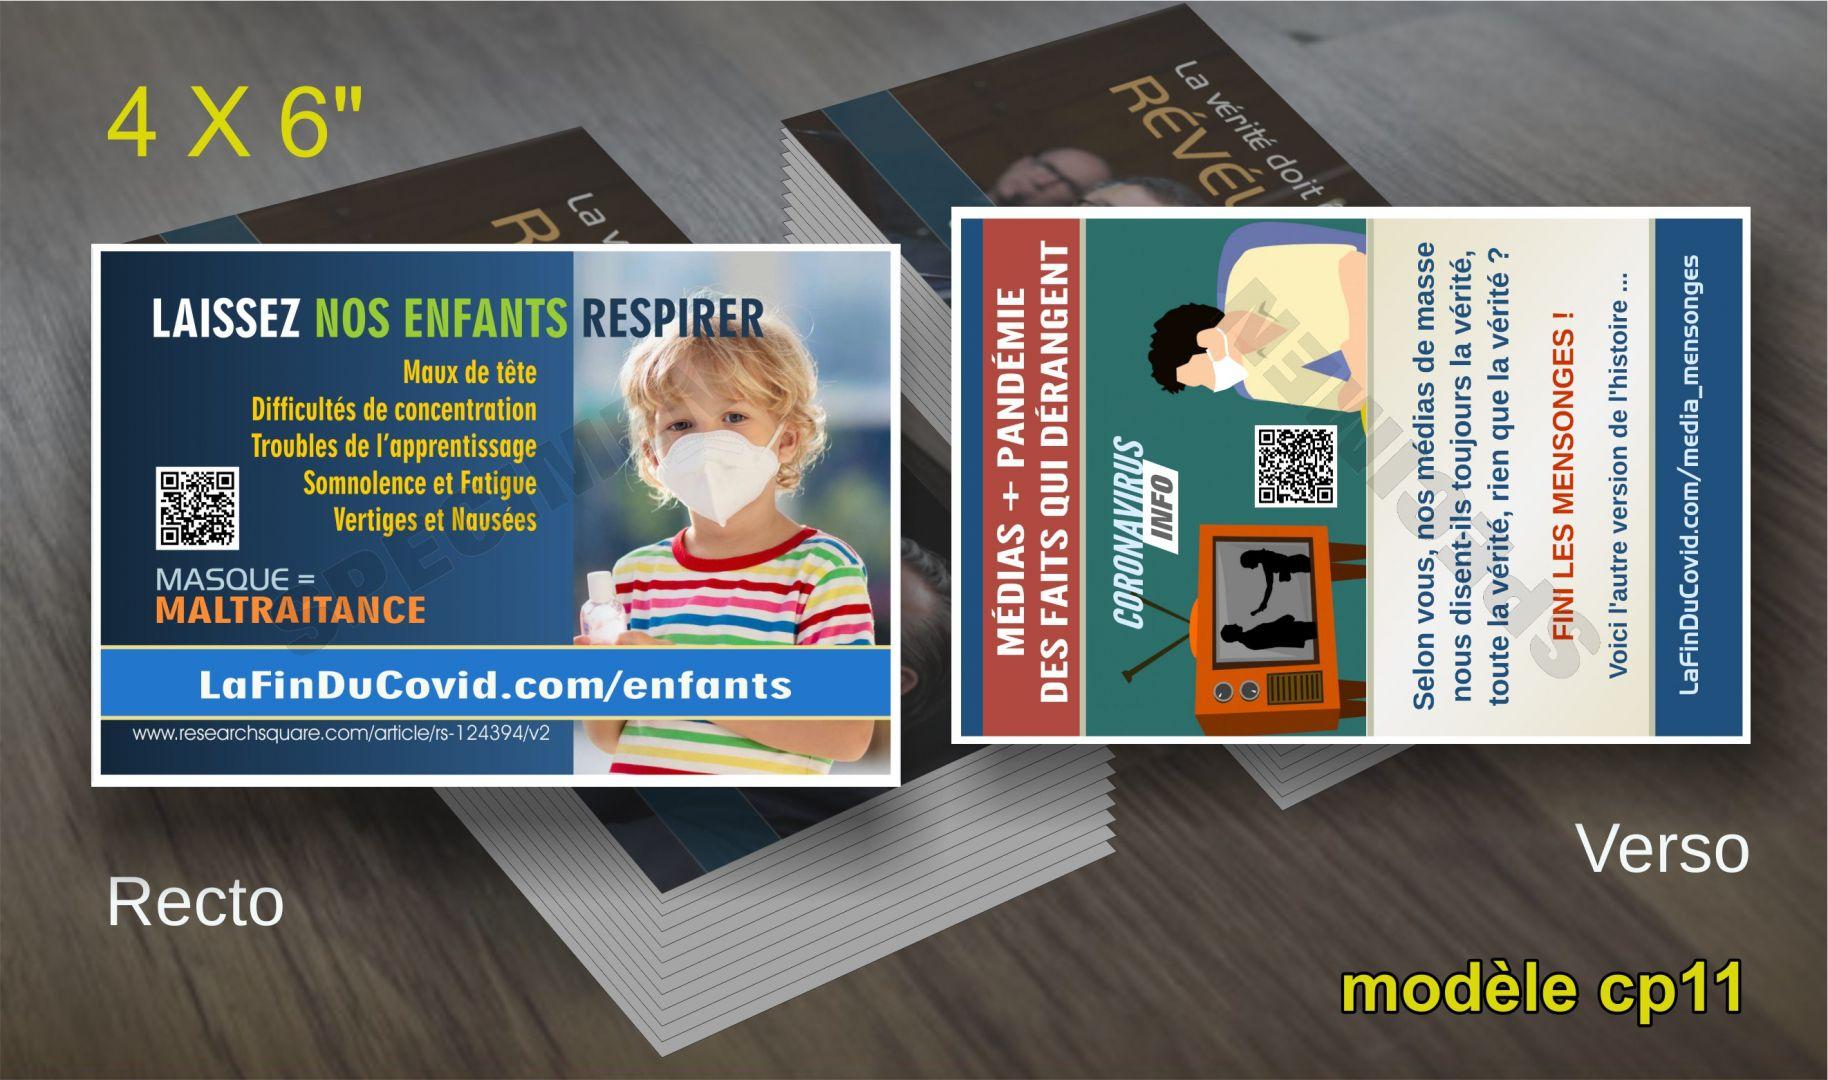 Cartes Postales (4x6) - (Maltraitance enfants - media menteurs)